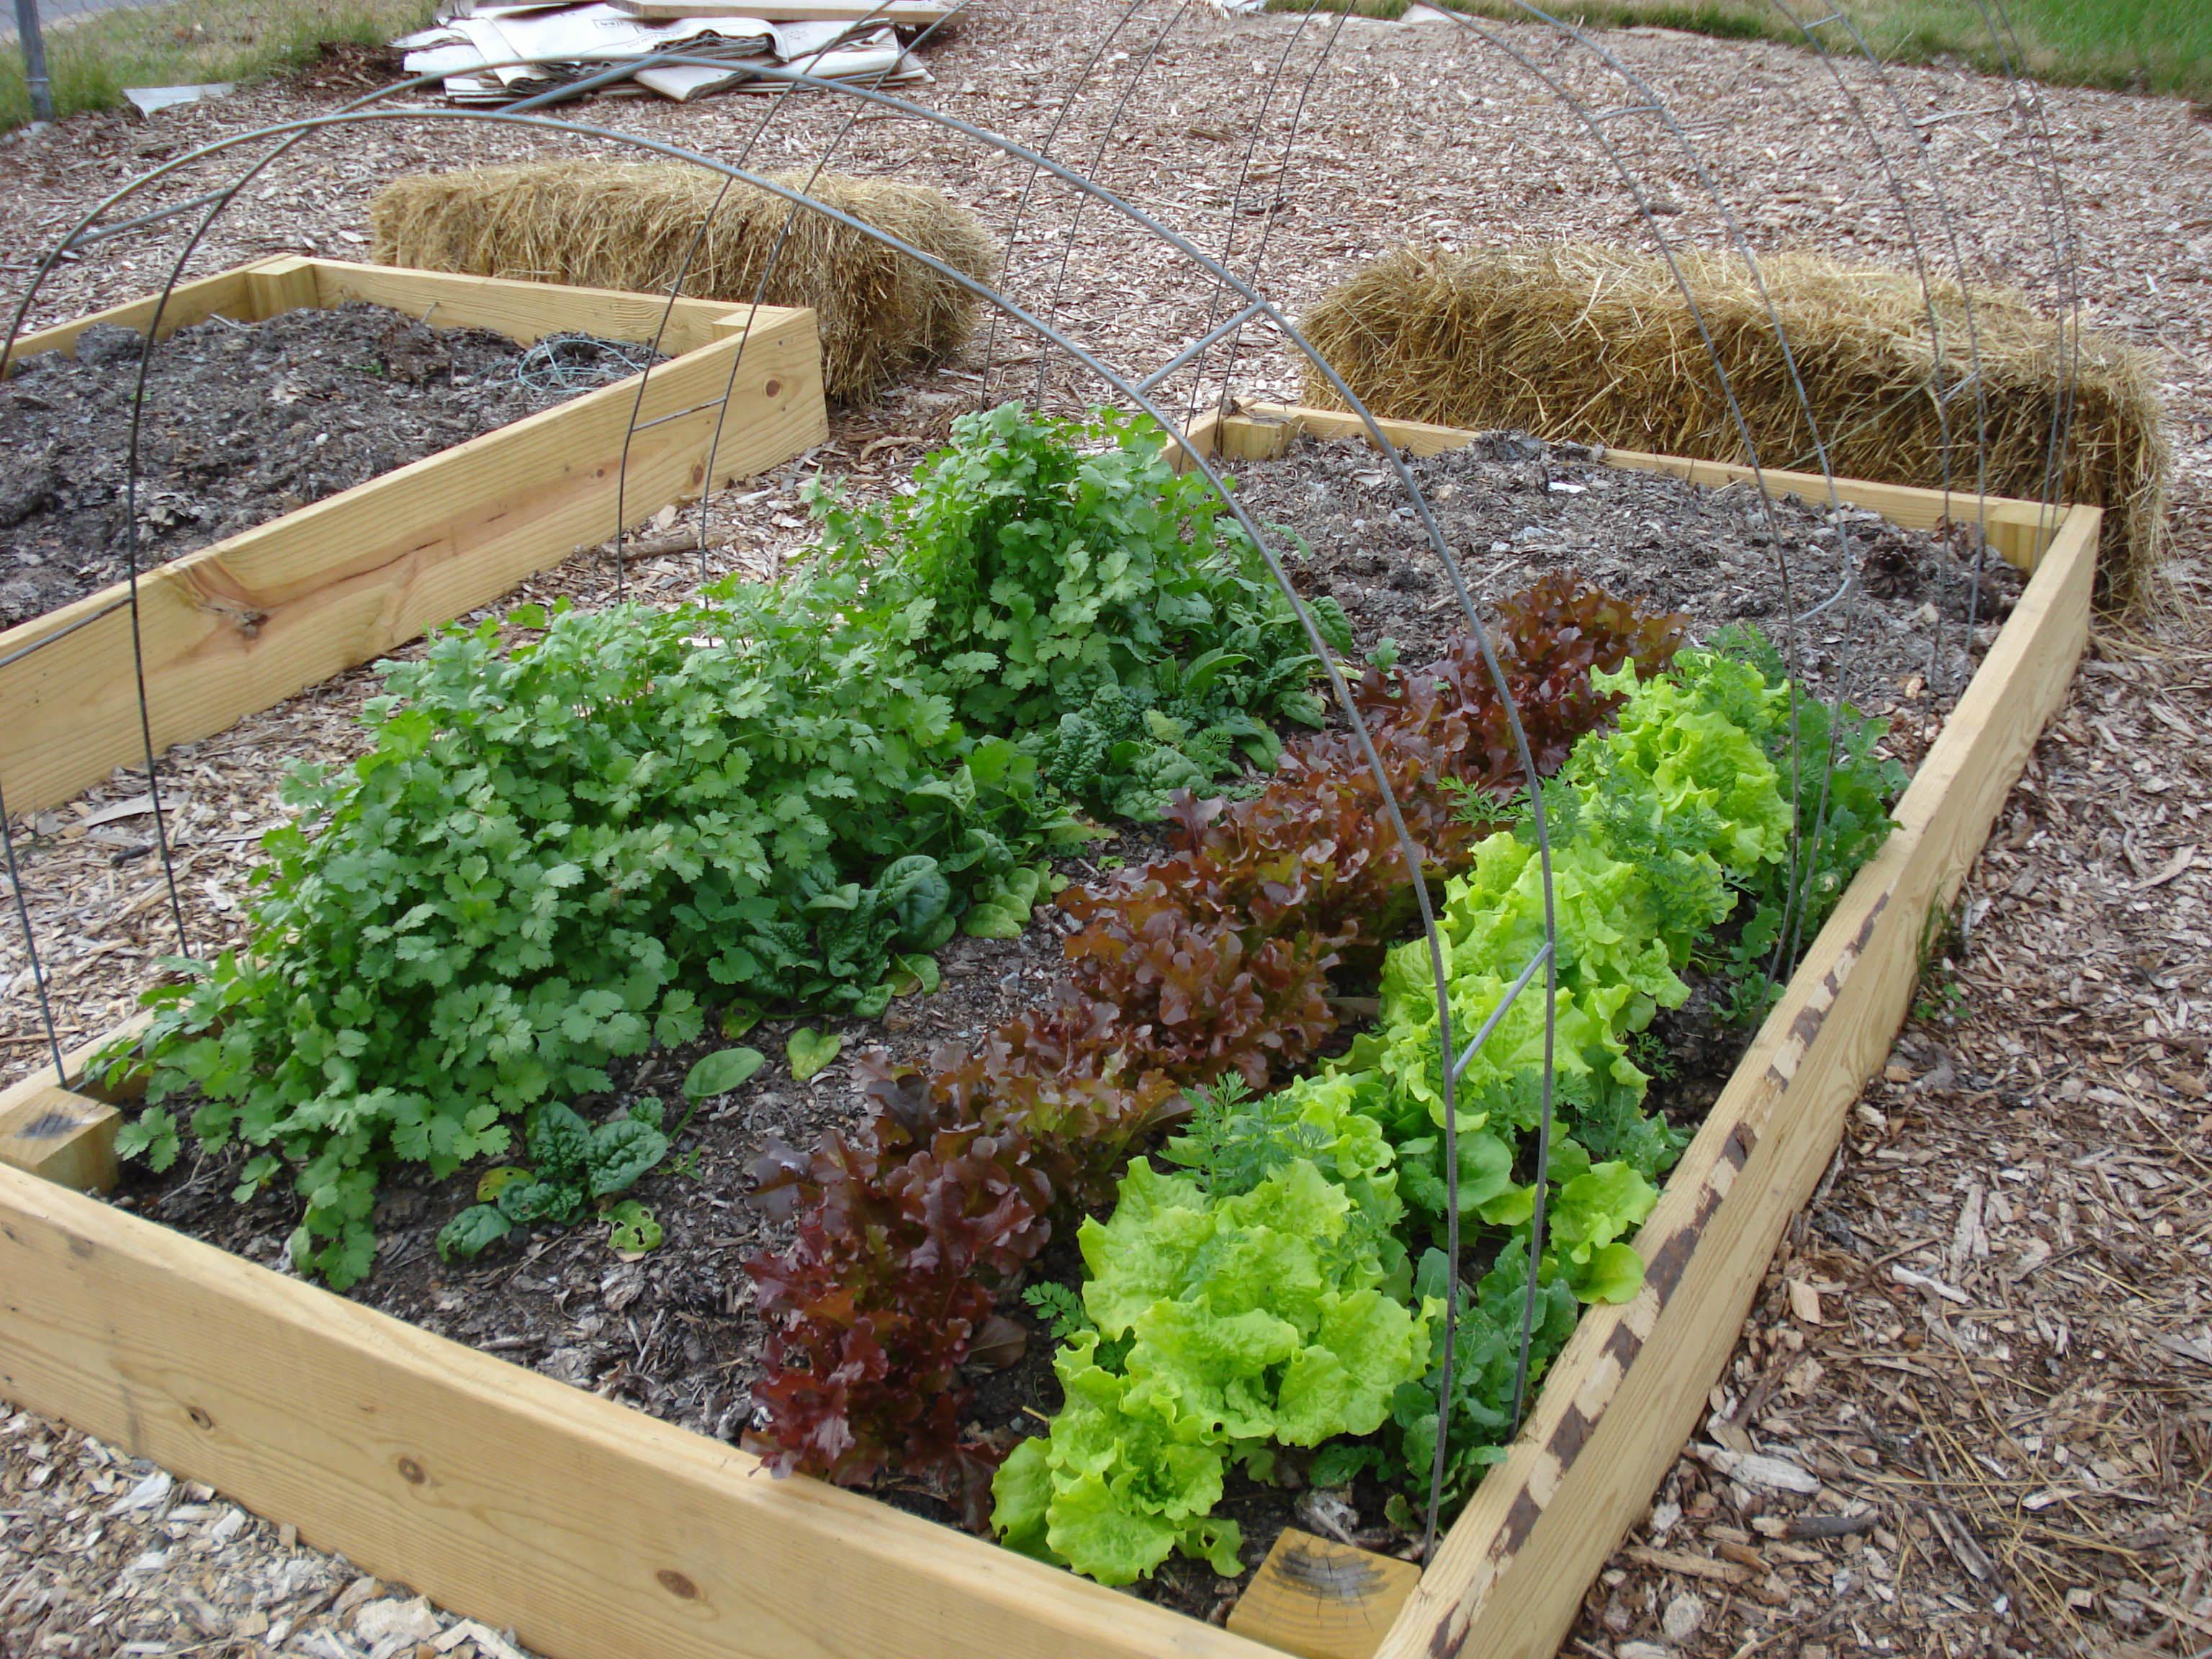 Lavori orto e giardino mese di marzo - L orto in giardino ...